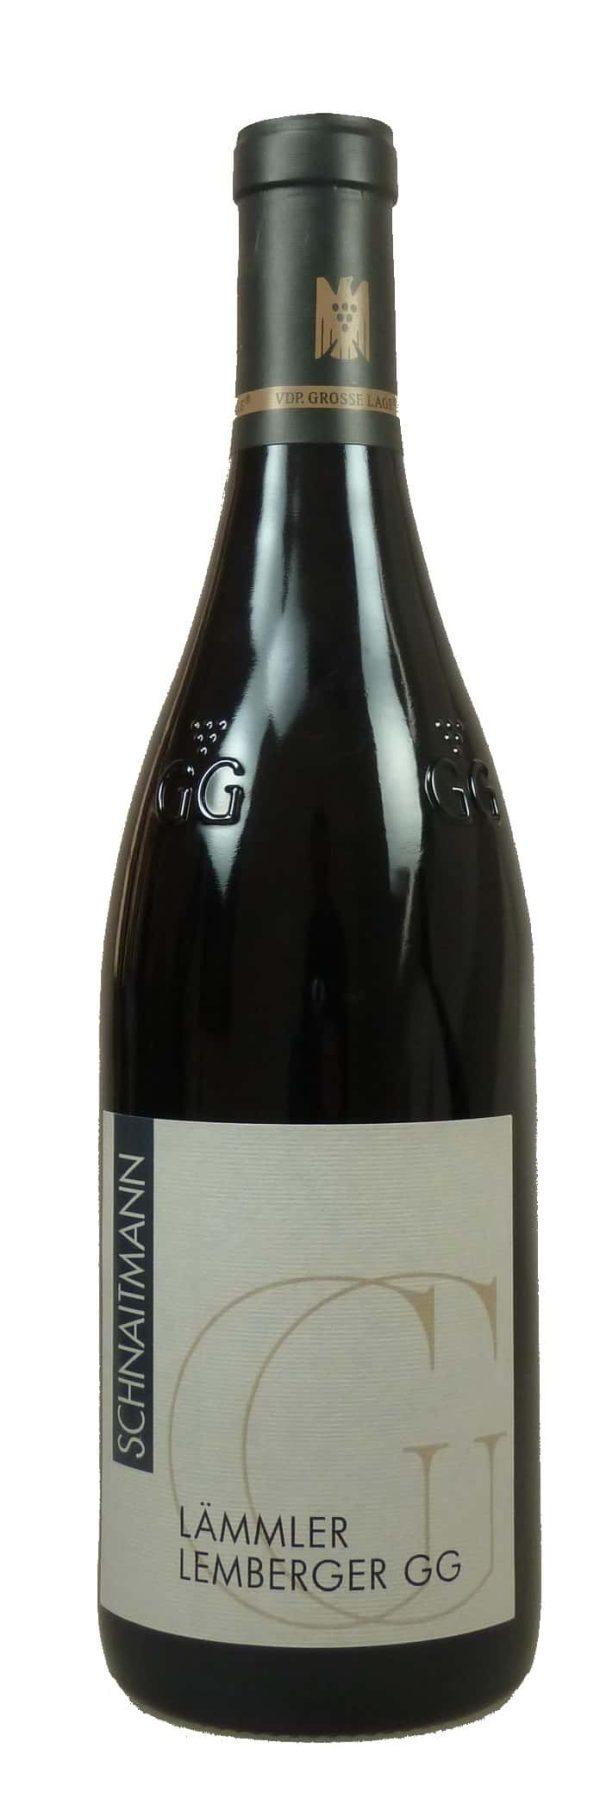 Lämmler Lemberger Großes Gewächs Qualitätswein trocken 2016